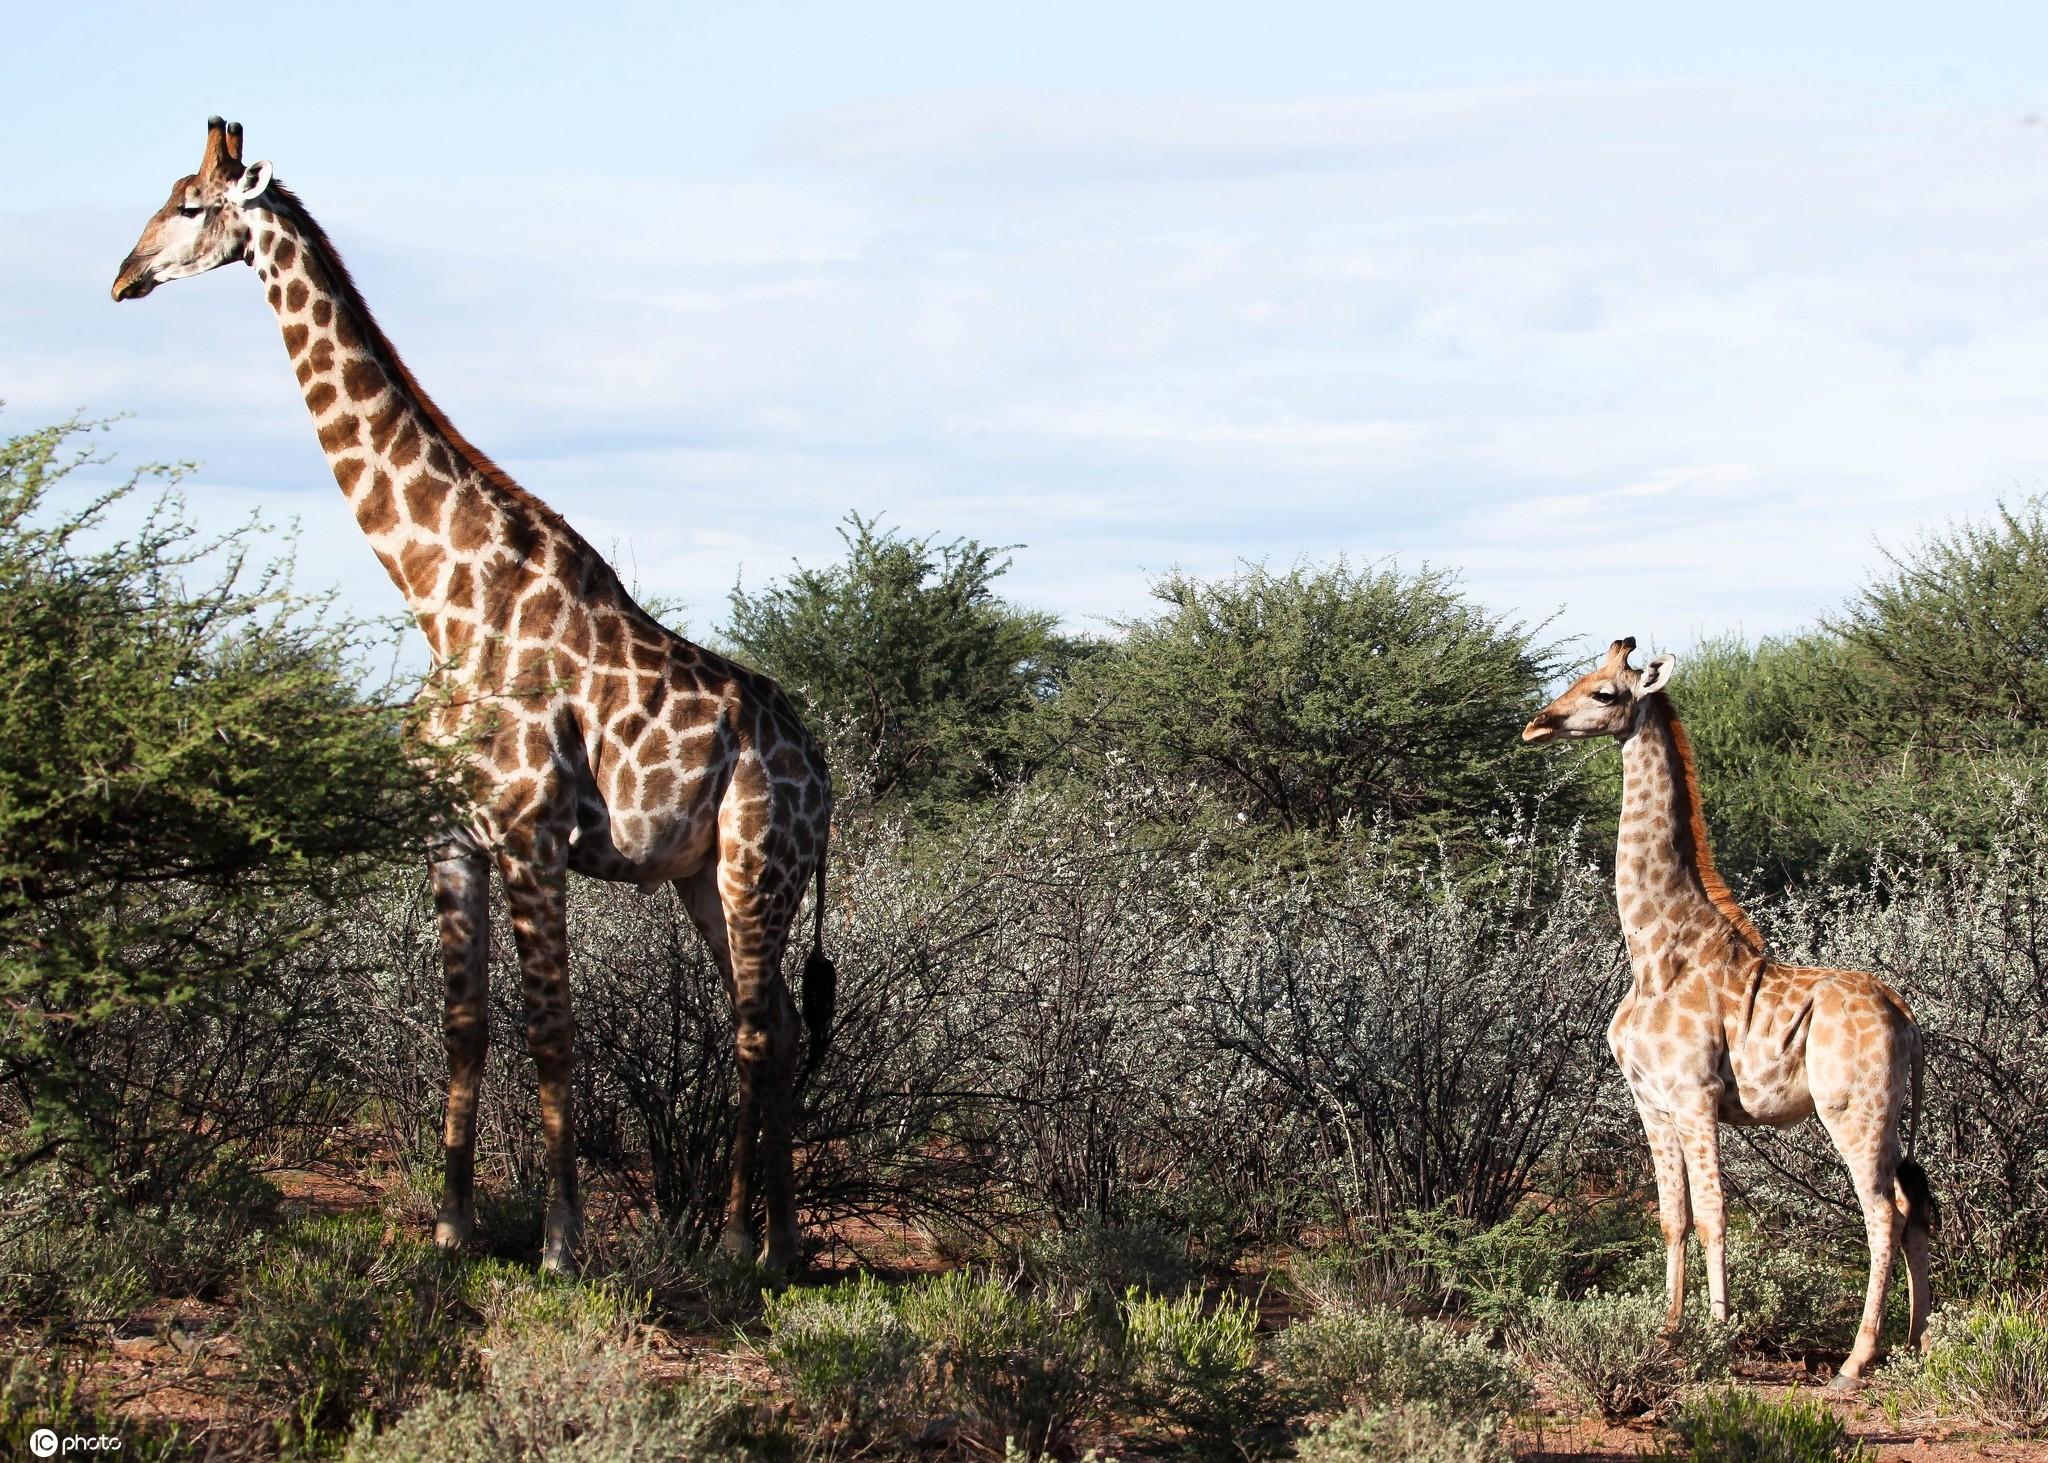 """非洲发现""""侏儒""""长颈鹿 体长不足3米短腿萌萌哒! 2021-01-11 07:52 IC photo   2021年1月11日报道(具体拍摄时间不详),一头普通成年长颈鹿的身高在18英尺左右,但动物保"""